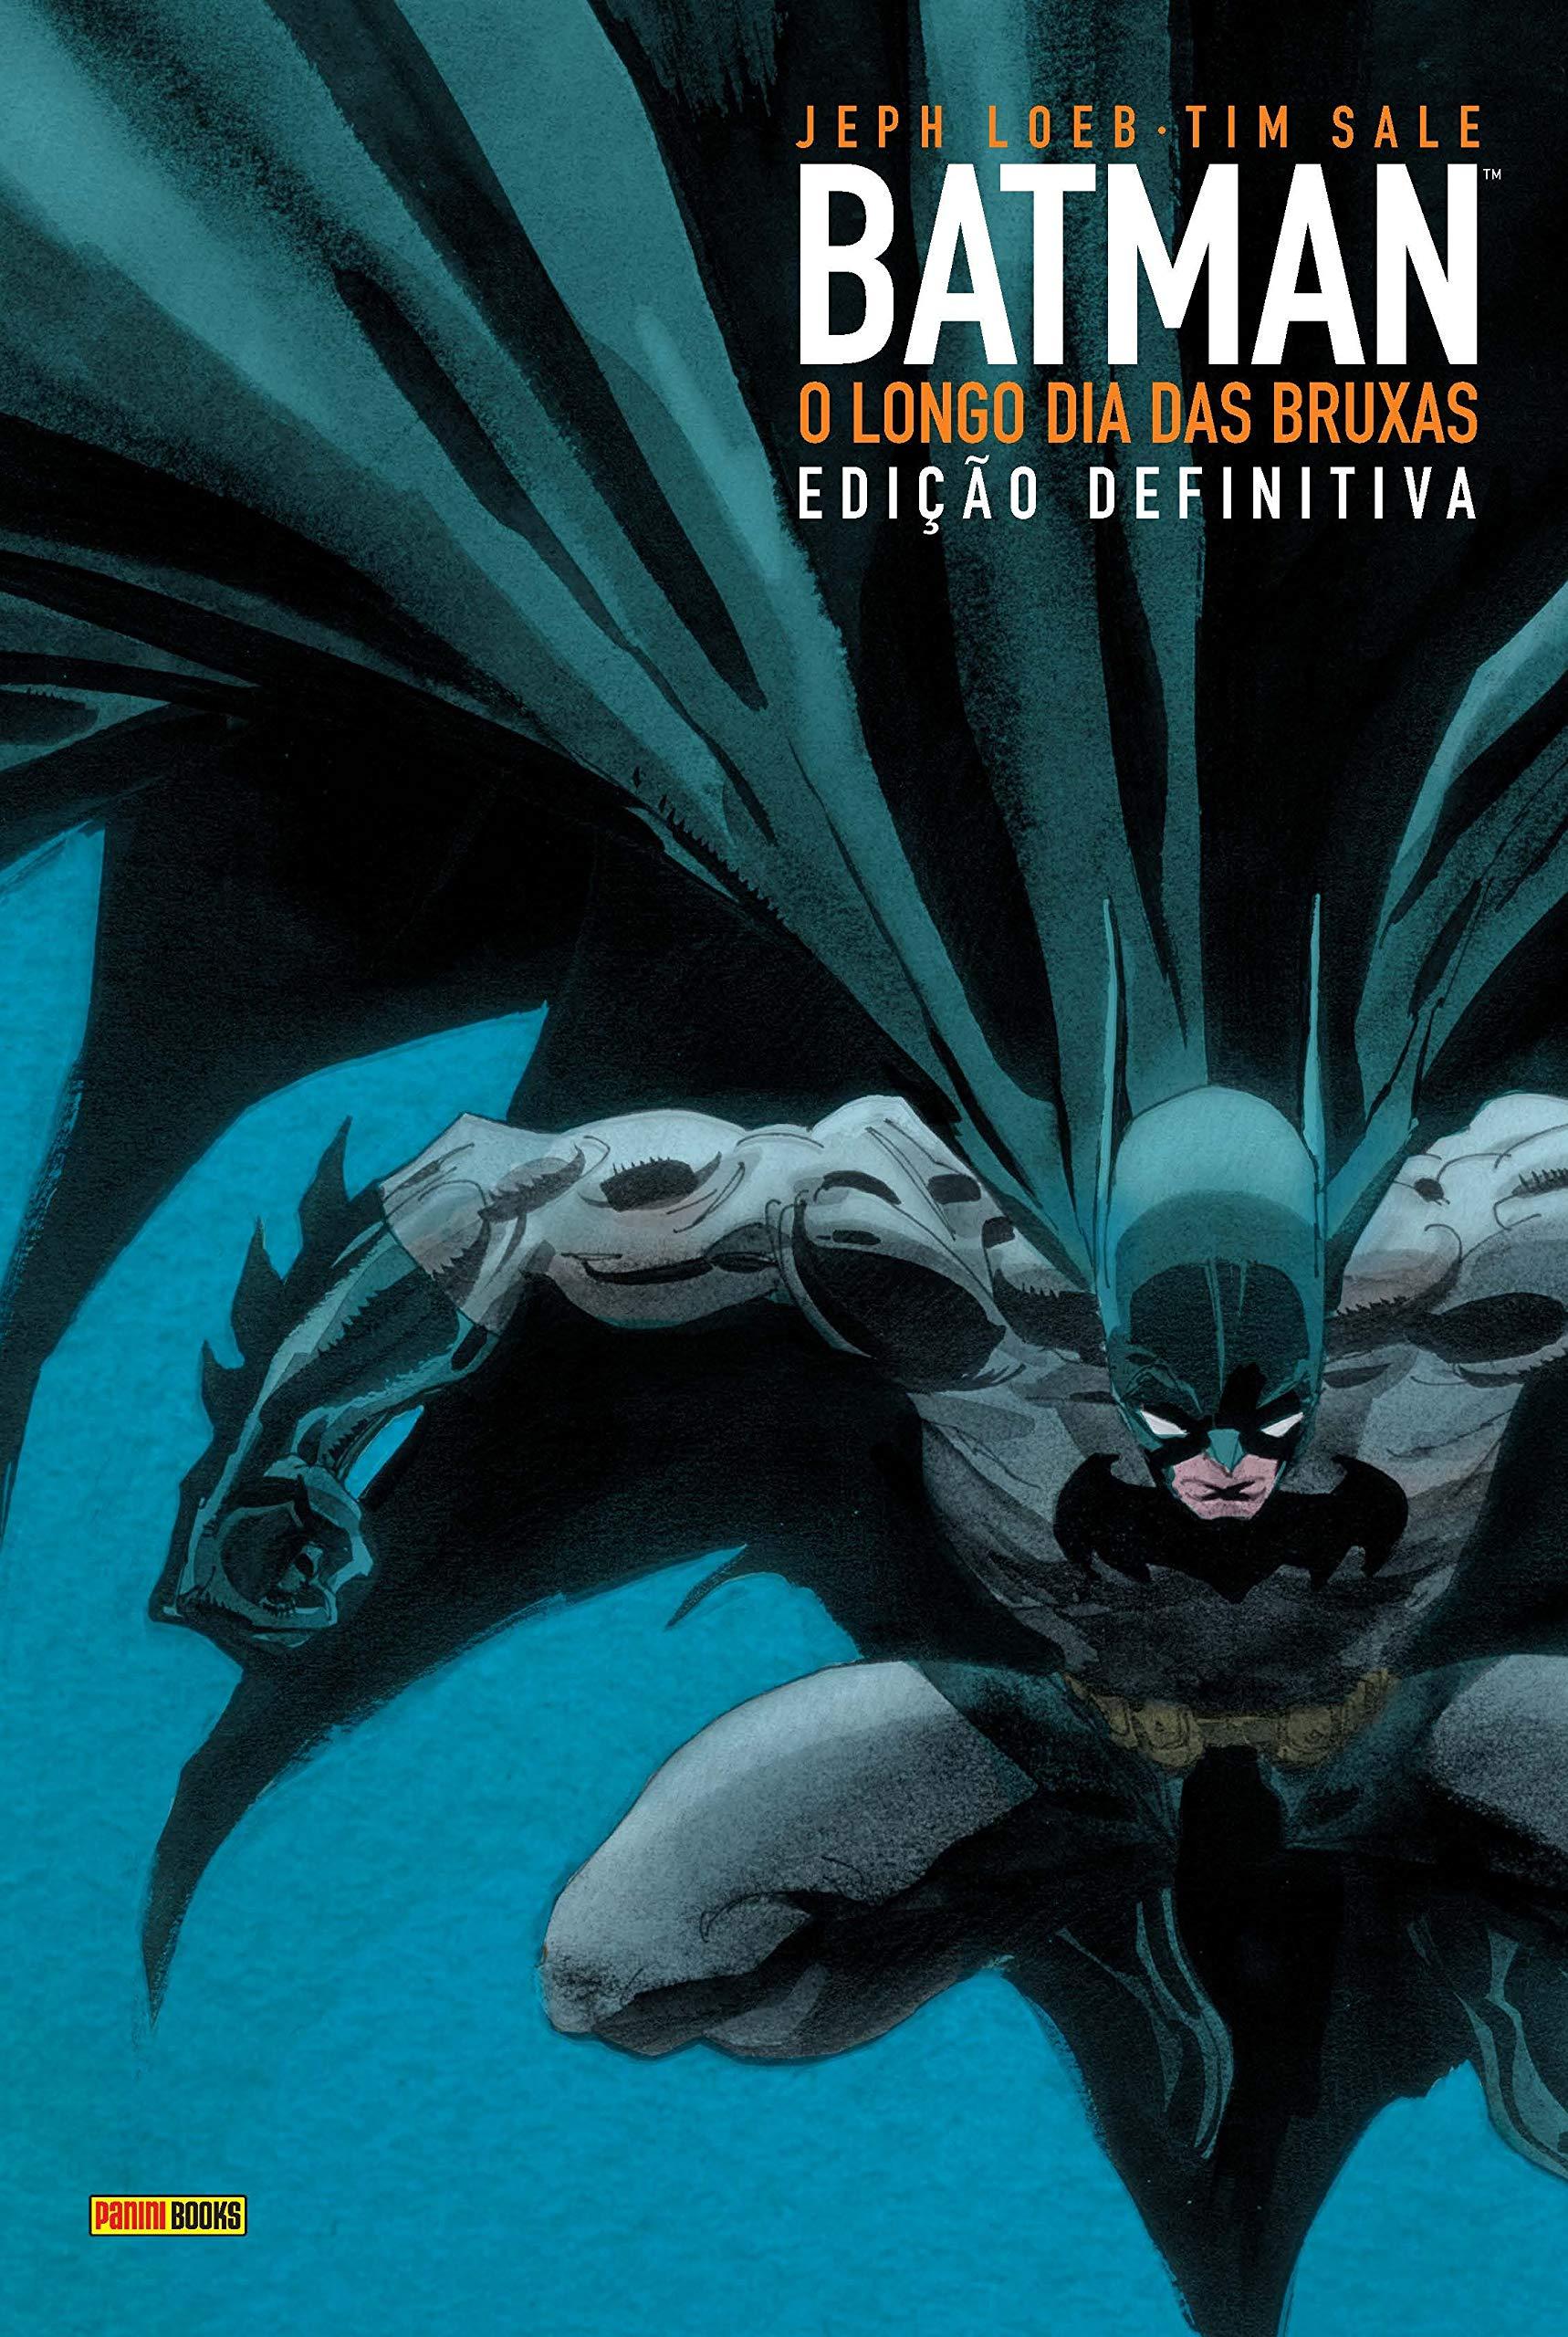 Batman - O Longo Dia das Bruxas - Edição Definitiva | Amazon.com.br